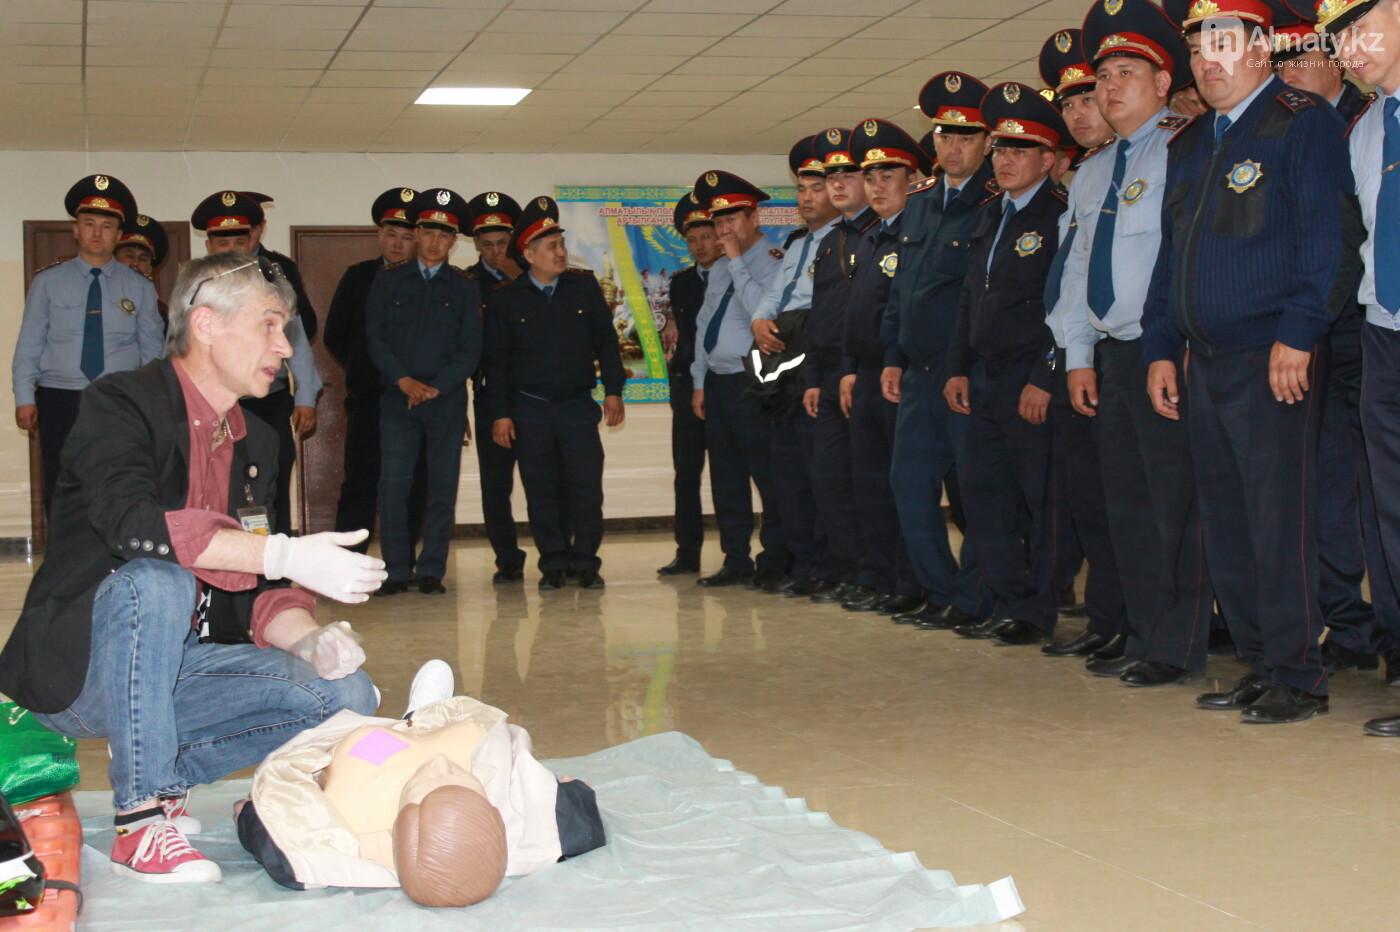 Водителей автобусов и полицейских Алматы учат оказывать первую помощь при ДТП, фото-14